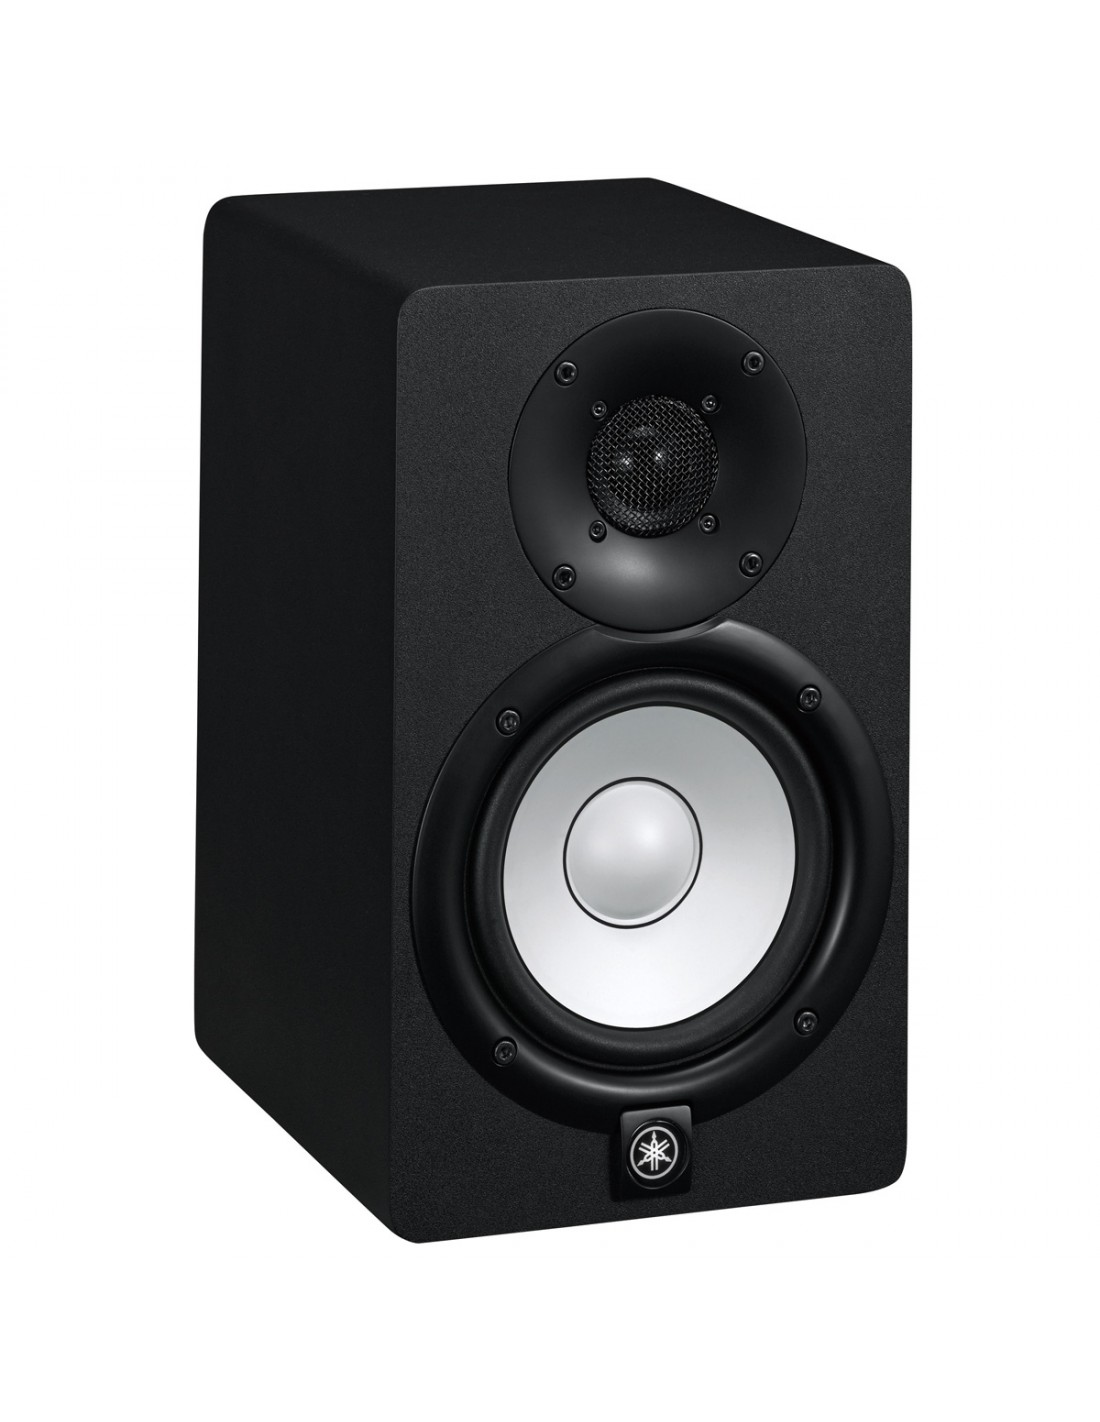 yamaha hs5 active studio monitor speaker single. Black Bedroom Furniture Sets. Home Design Ideas